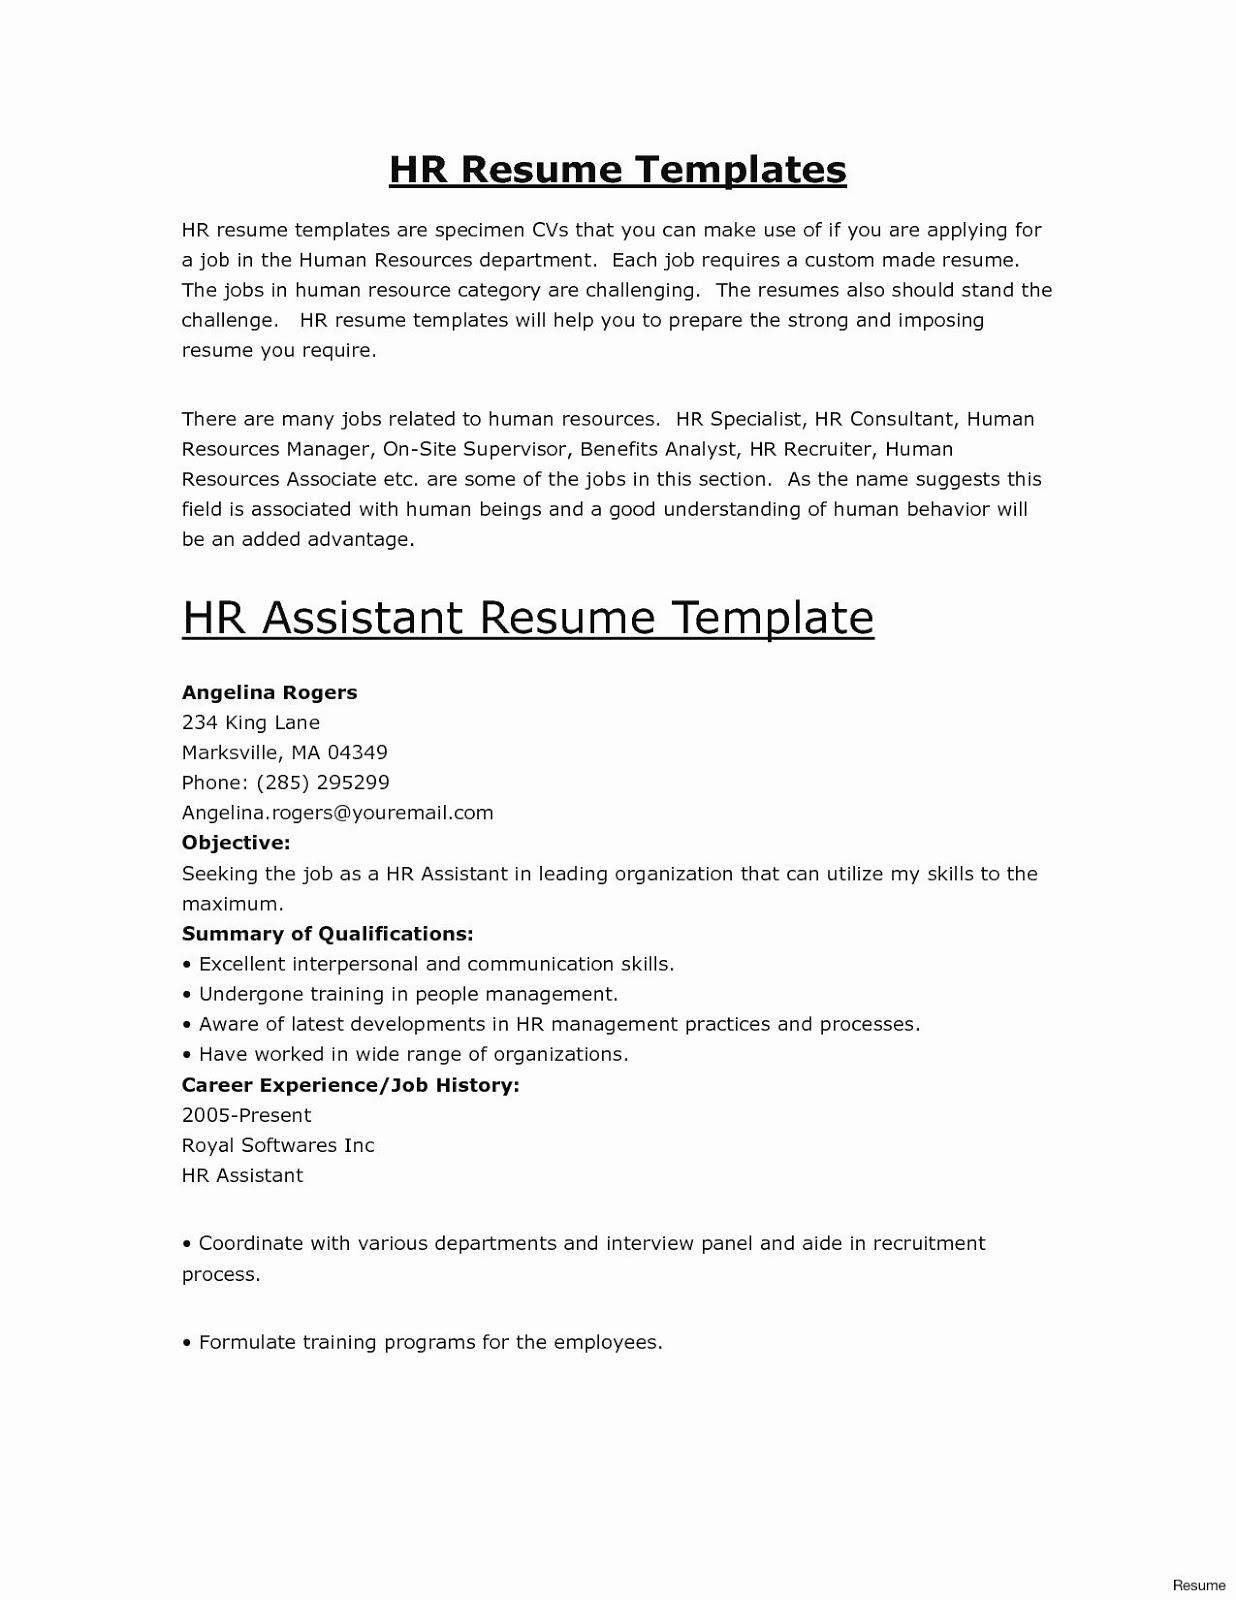 vet tech resumes samples 2019 vet tech resume samples 2020 veterinary technician resumes veterinary technician resumes samples vet assistant resumes